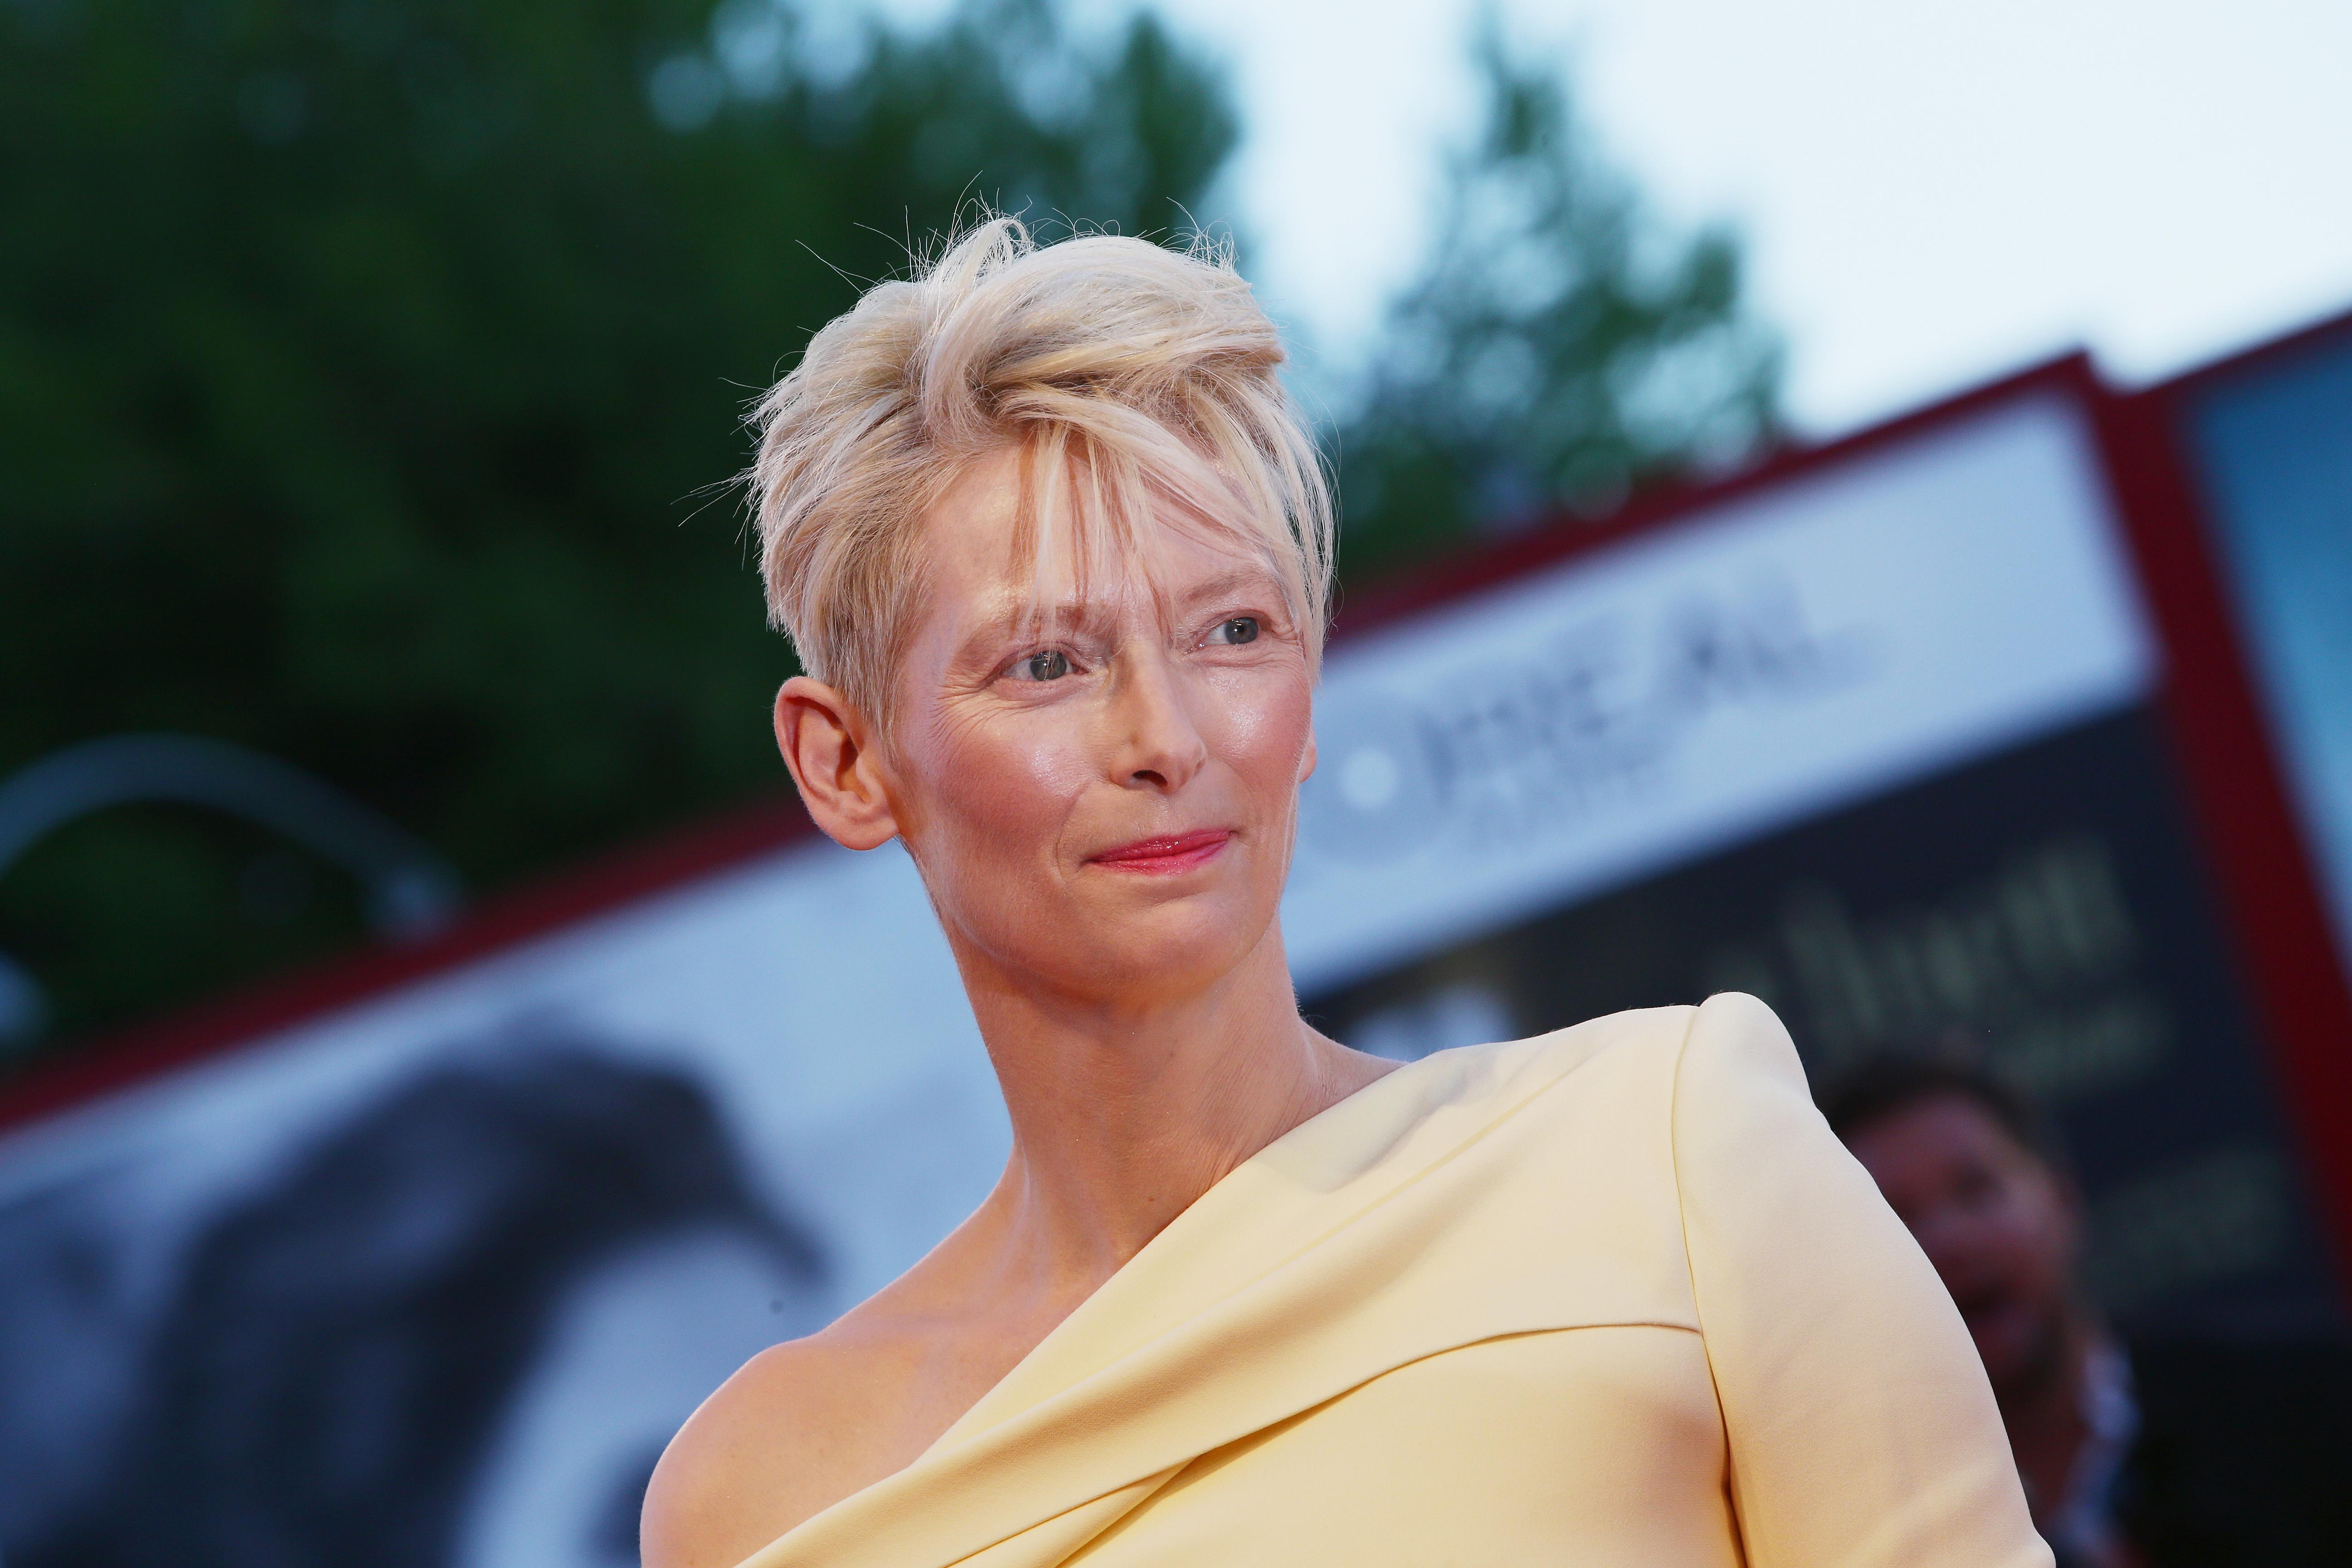 'A Bigger Splash' Premiere - 72nd Venice Film Festival